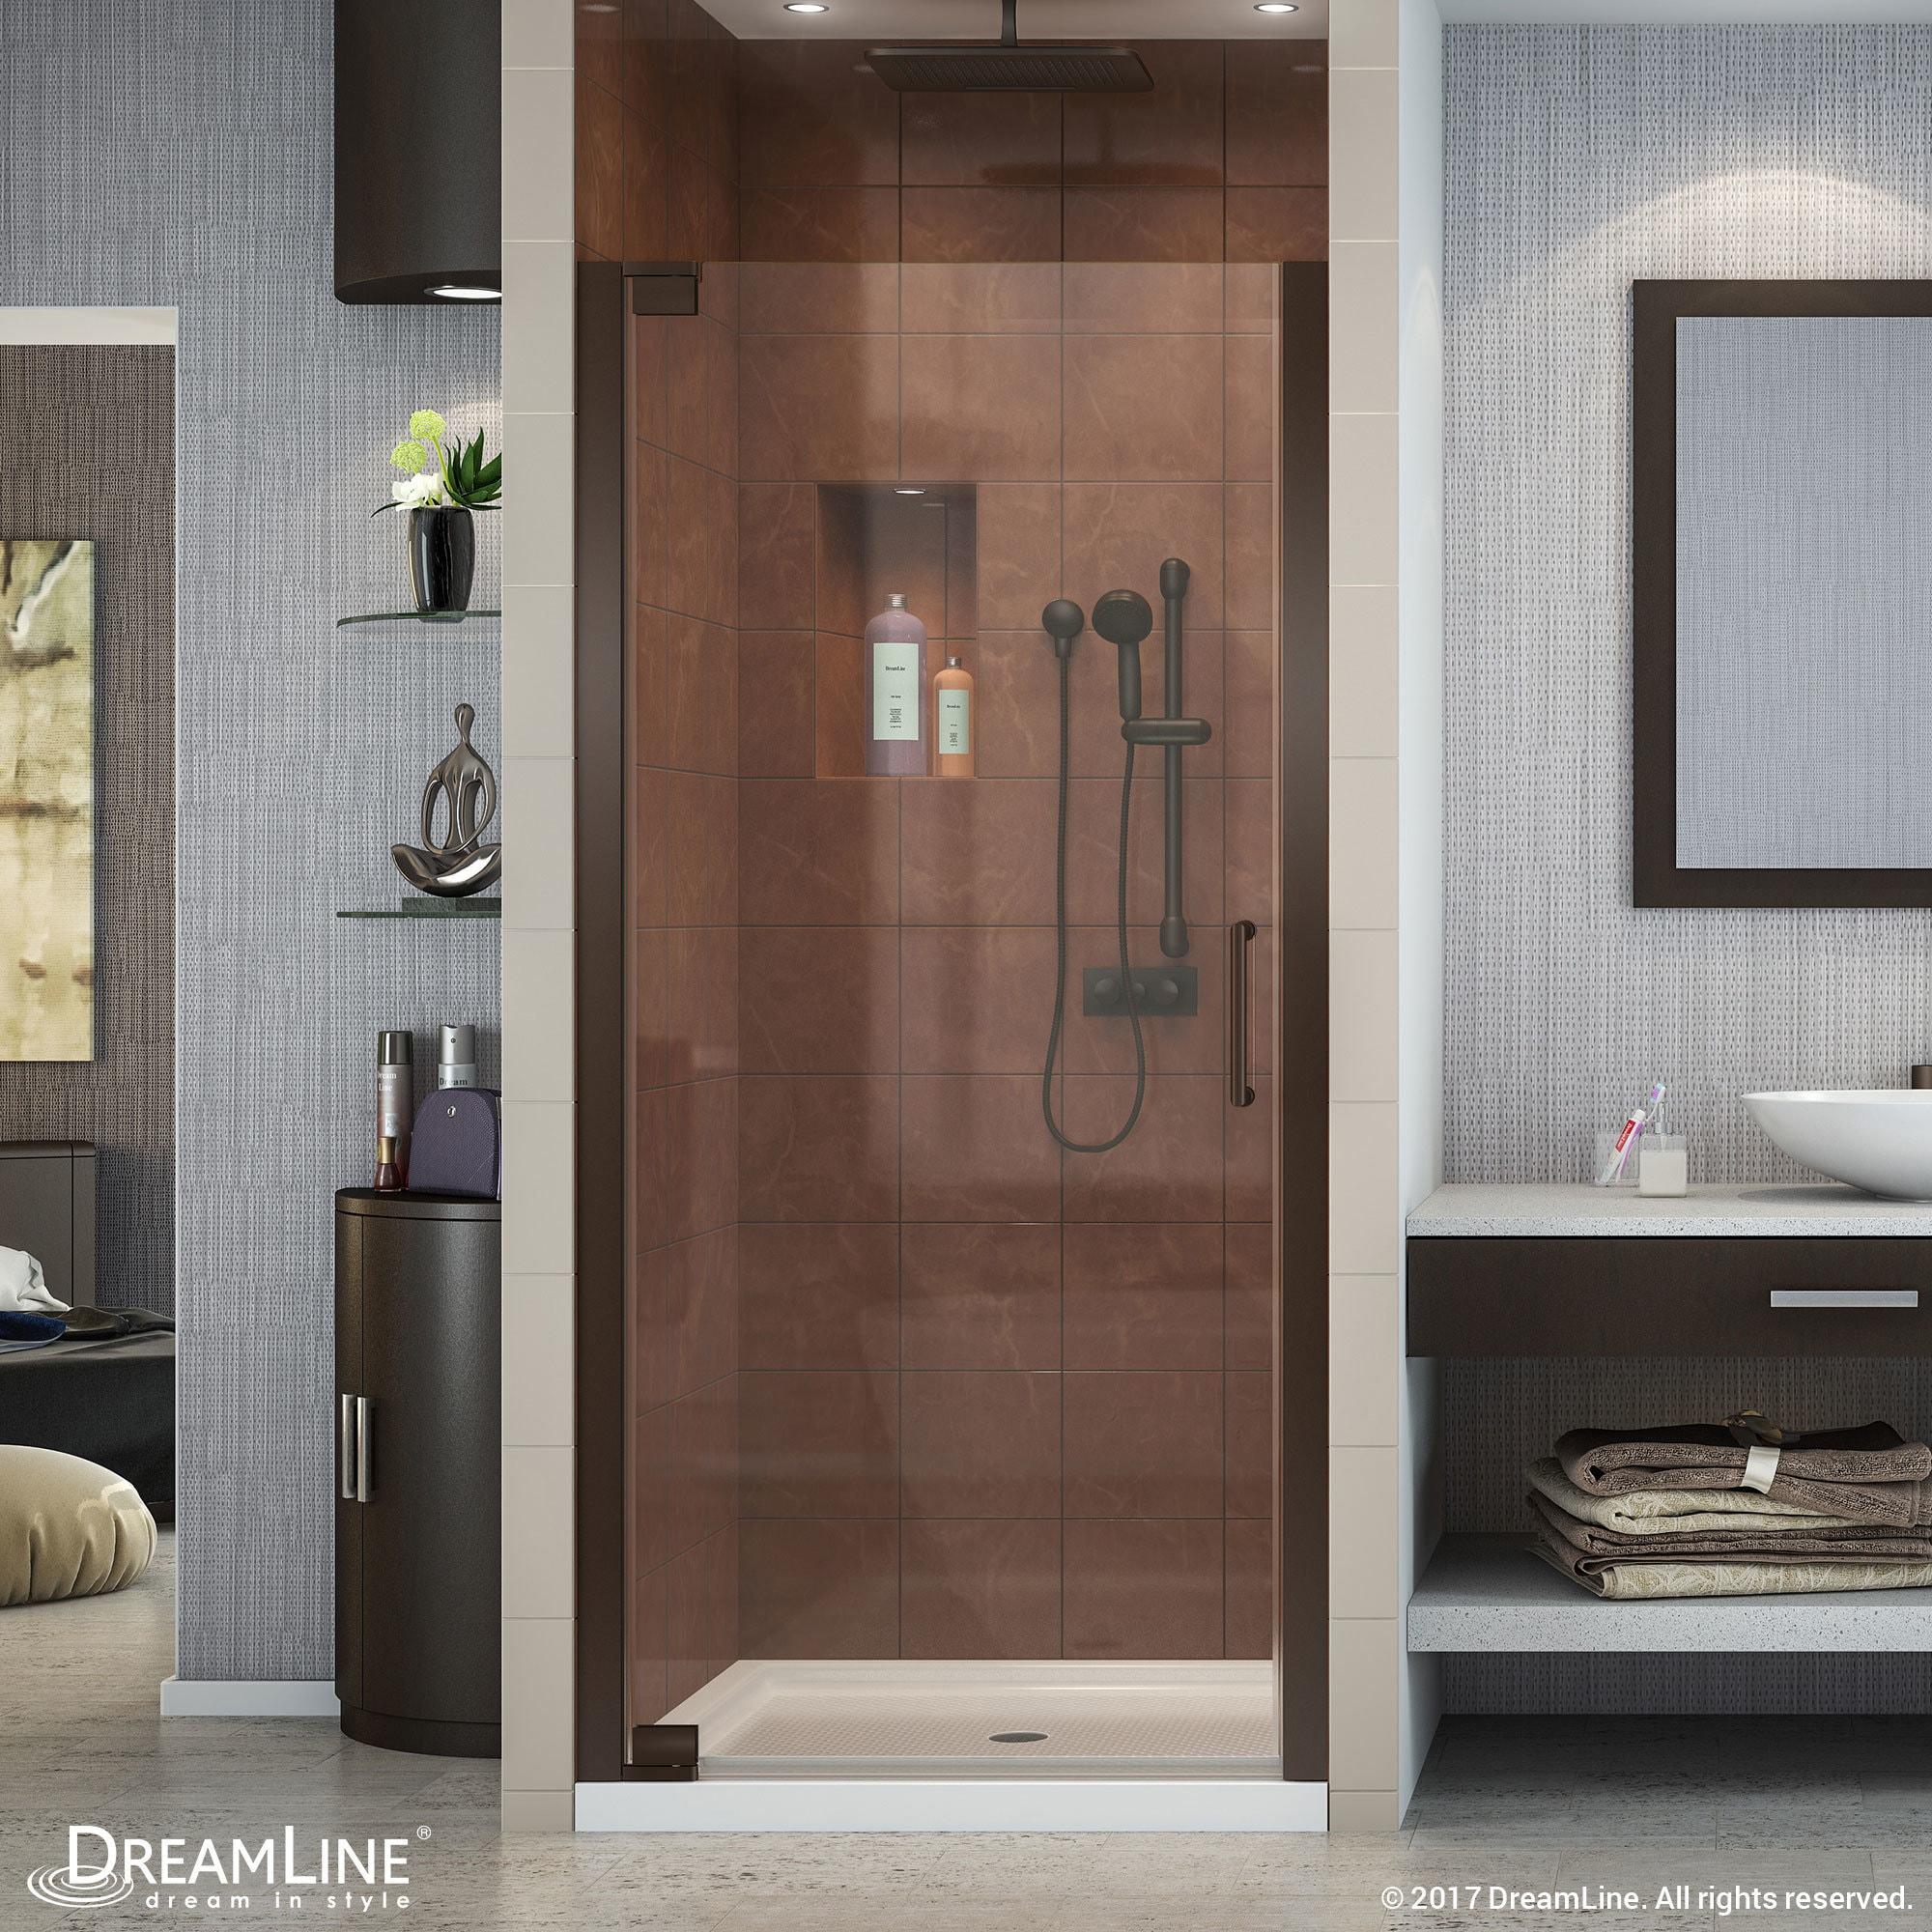 Dreamline Elegance 34 36 In W X 72 H Frameless Pivot Shower Door